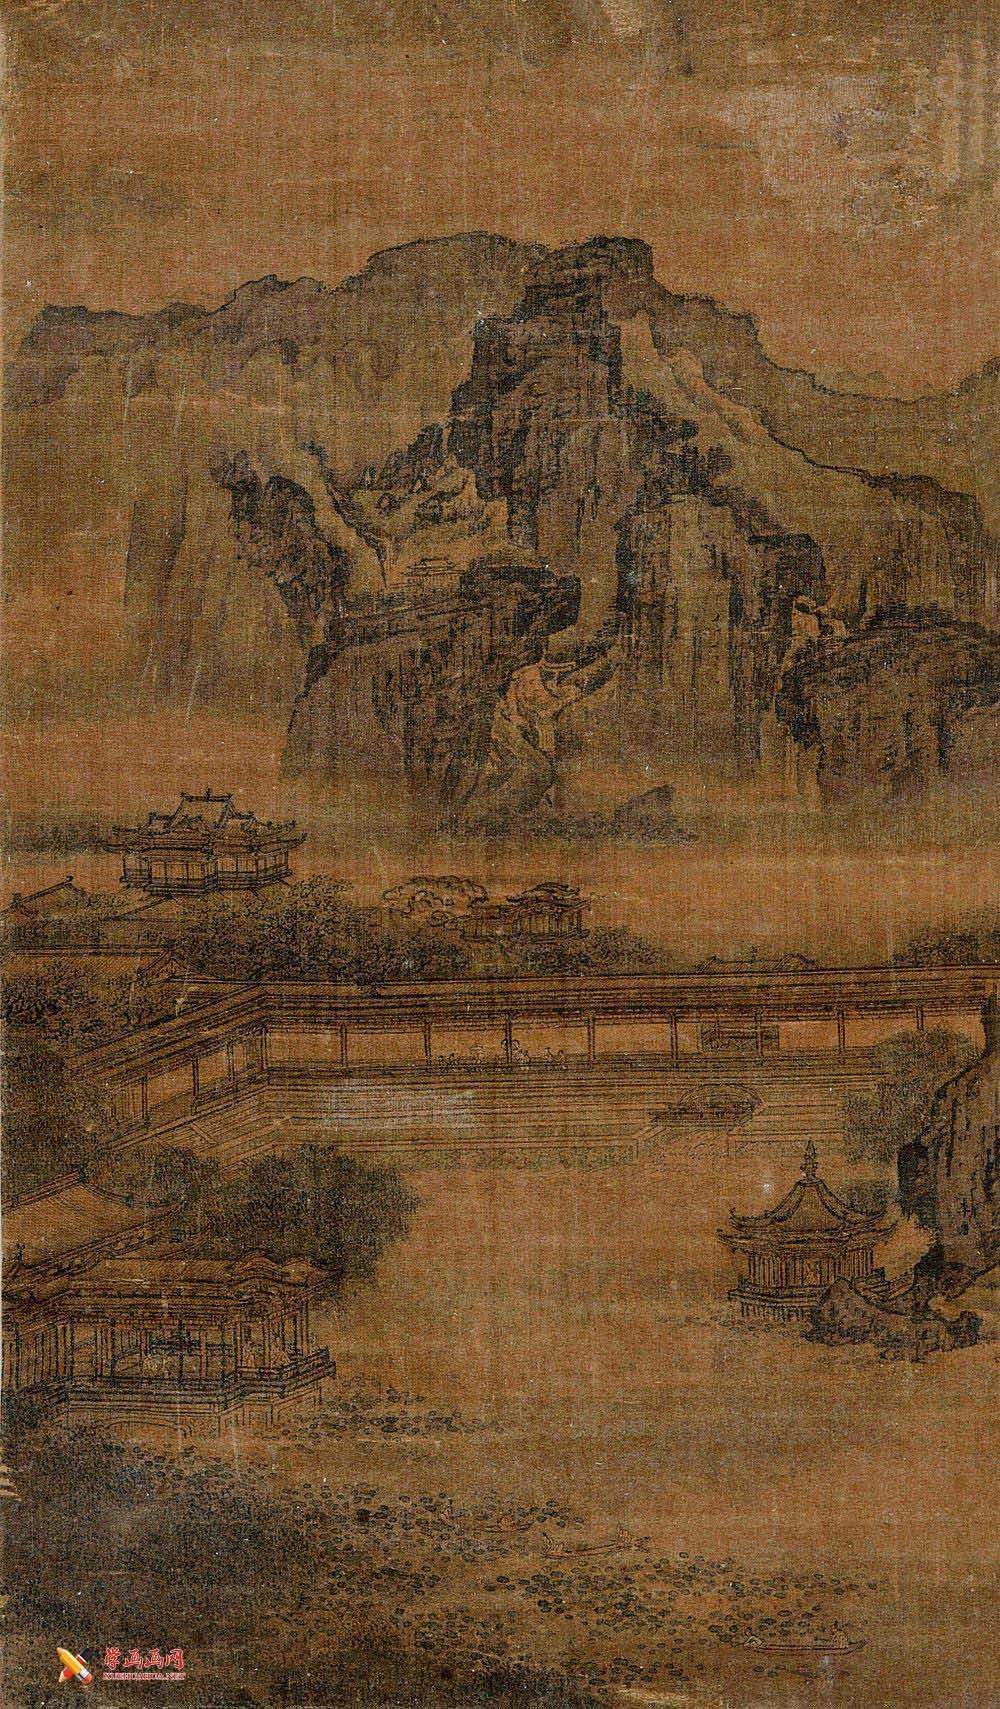 《消夏图》_宋李唐国画山水作品欣赏(1)